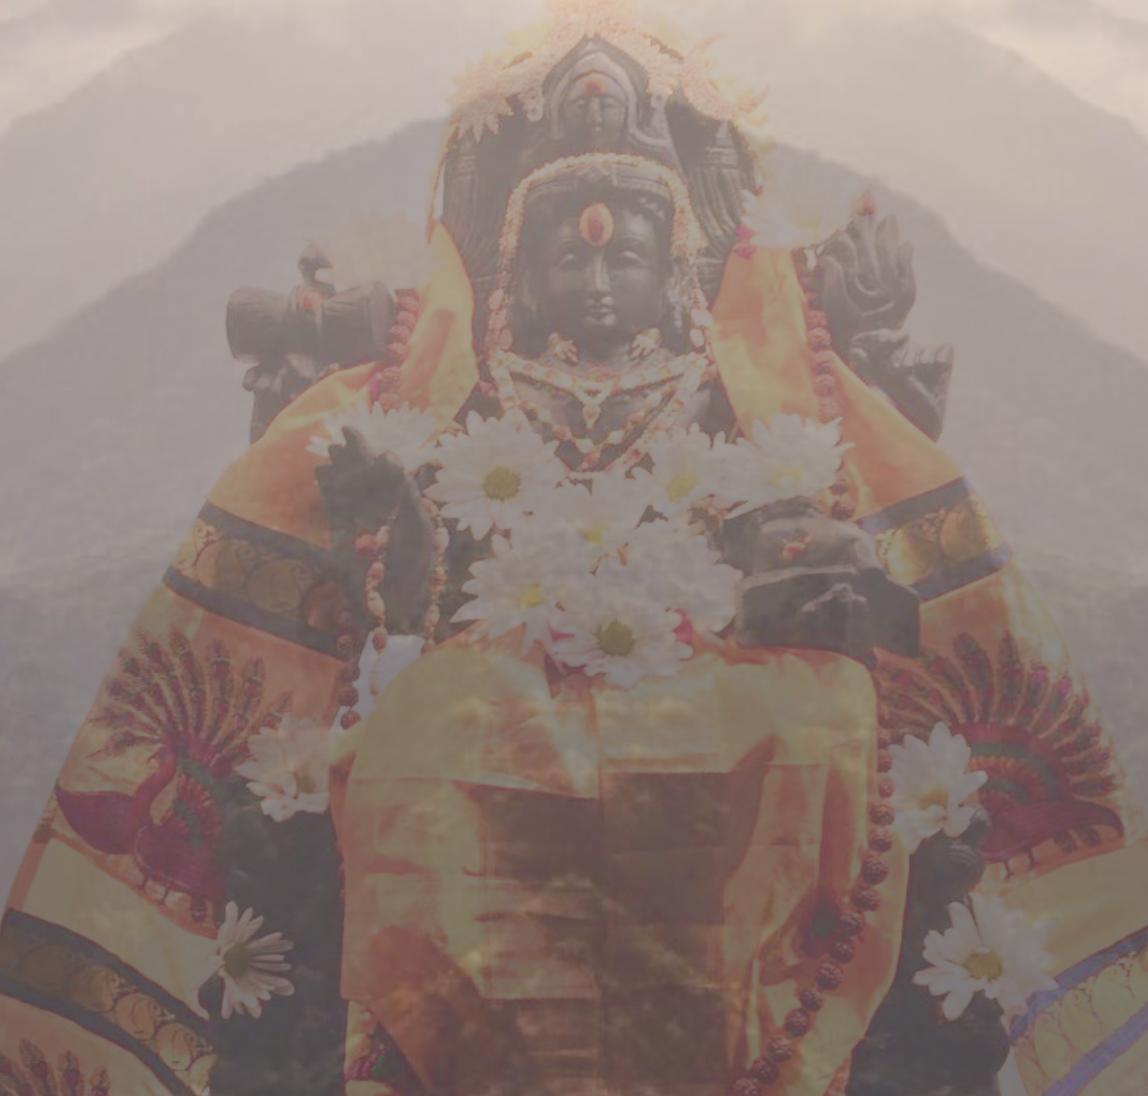 Sri Dakshinamurti